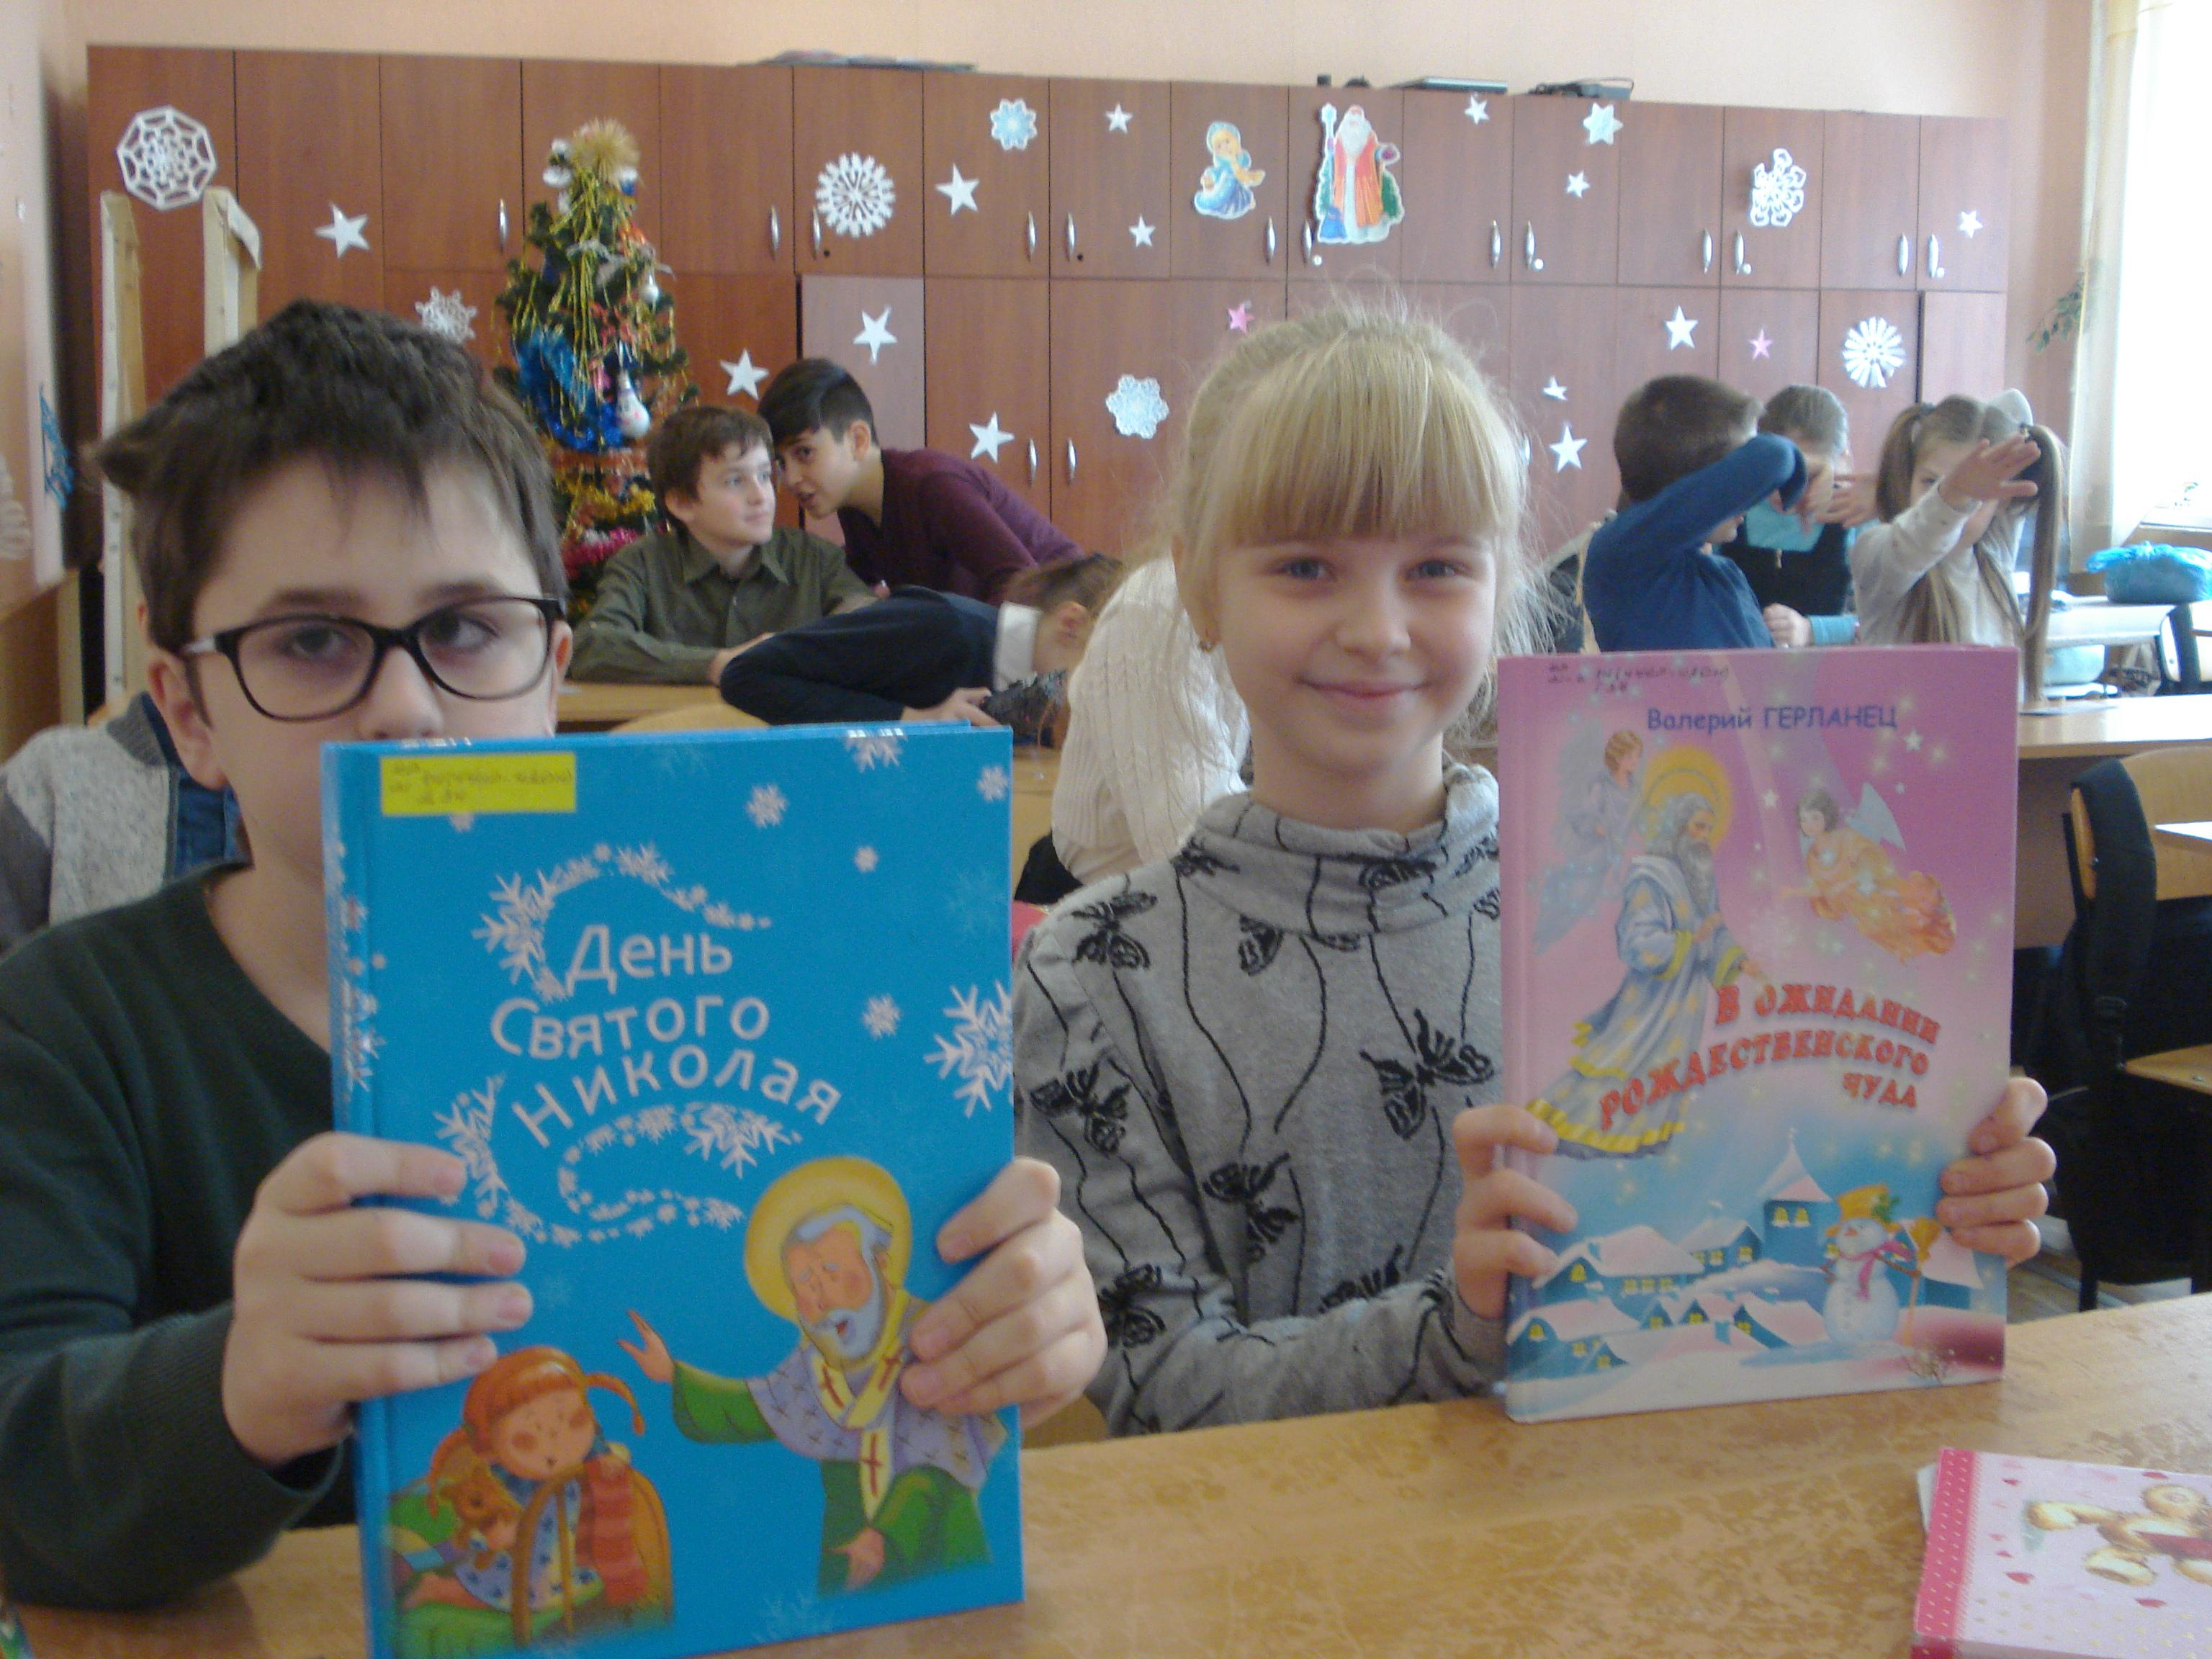 день святого николая, занятия с детьми, донецкая республиканская библиотека для детей, отдел справочно-библиографического и информационного обслуживания, отдел обслуживания учащихся 5-9 классов